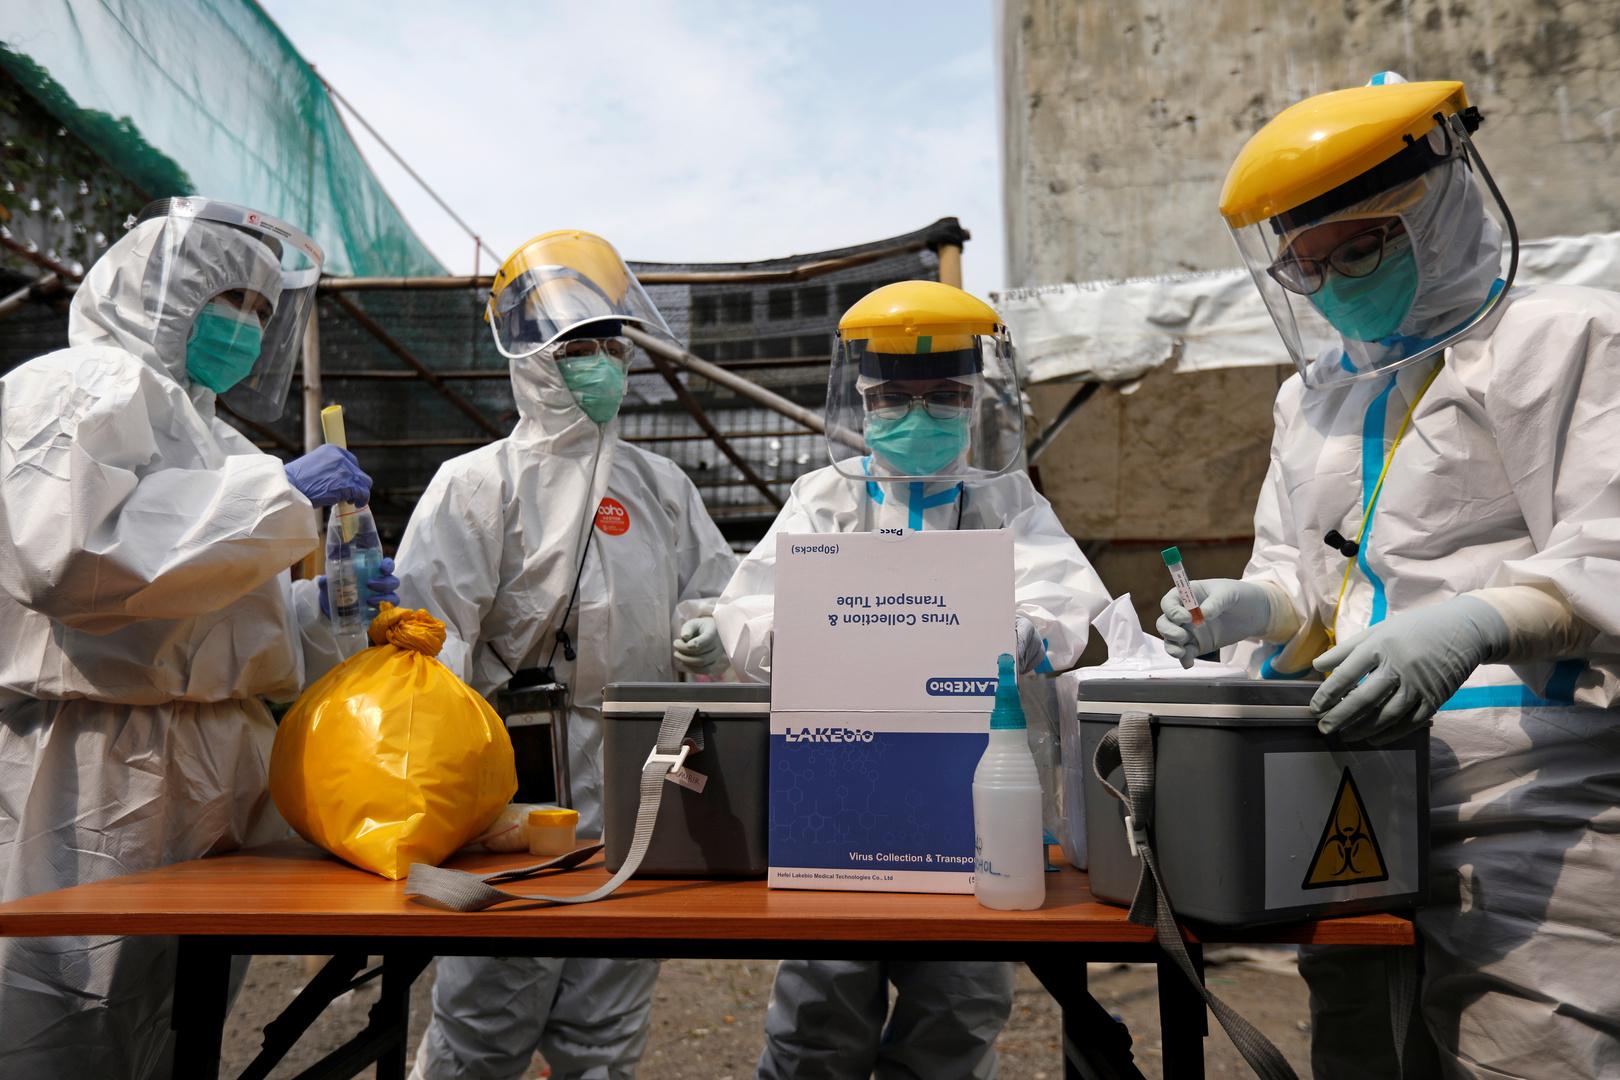 إندونيسيا تسجل ارتفاعا قياسيا للوفيات بفيروس كورونا